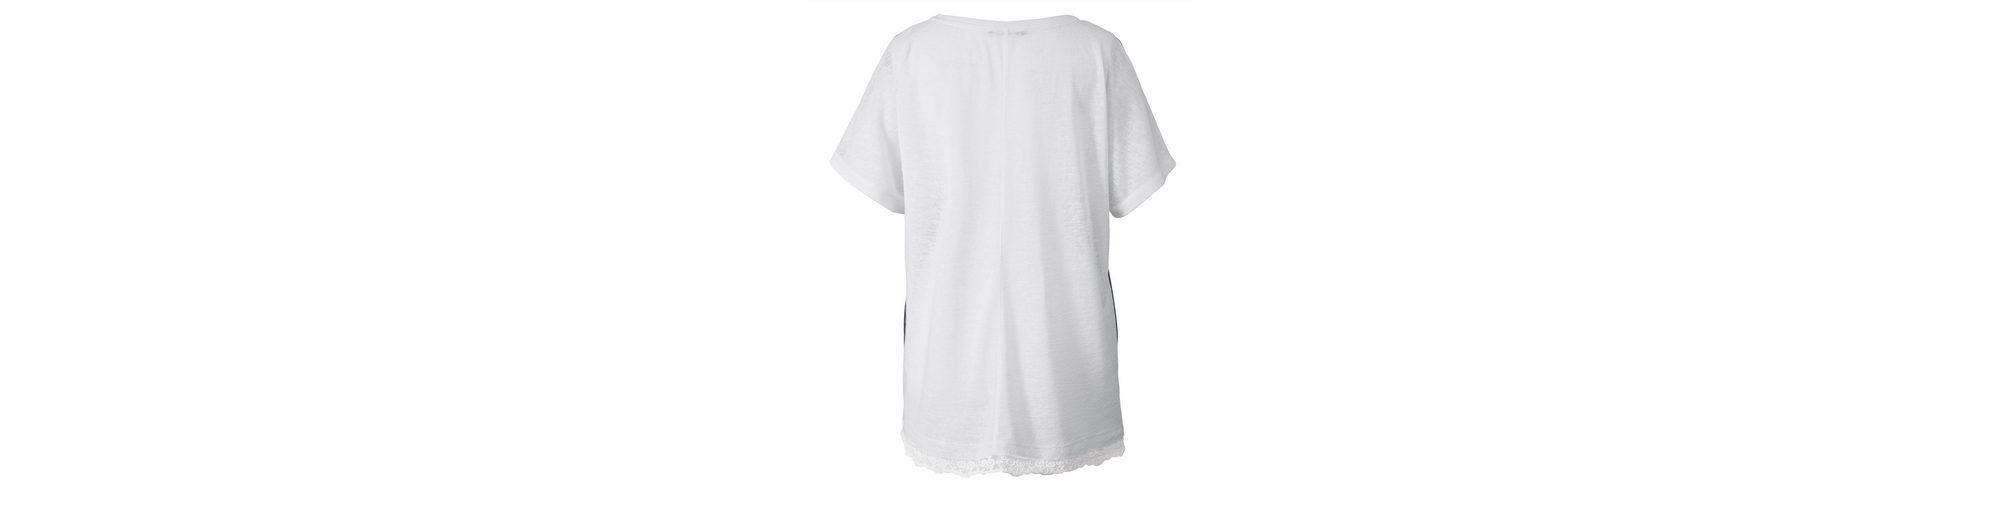 Sara Lindholm by Happy Size Shirt mit Glitzernieten Verkauf Niedriger Versand Super Angebote Günstig Kaufen Suche ZcVNtUPxiN